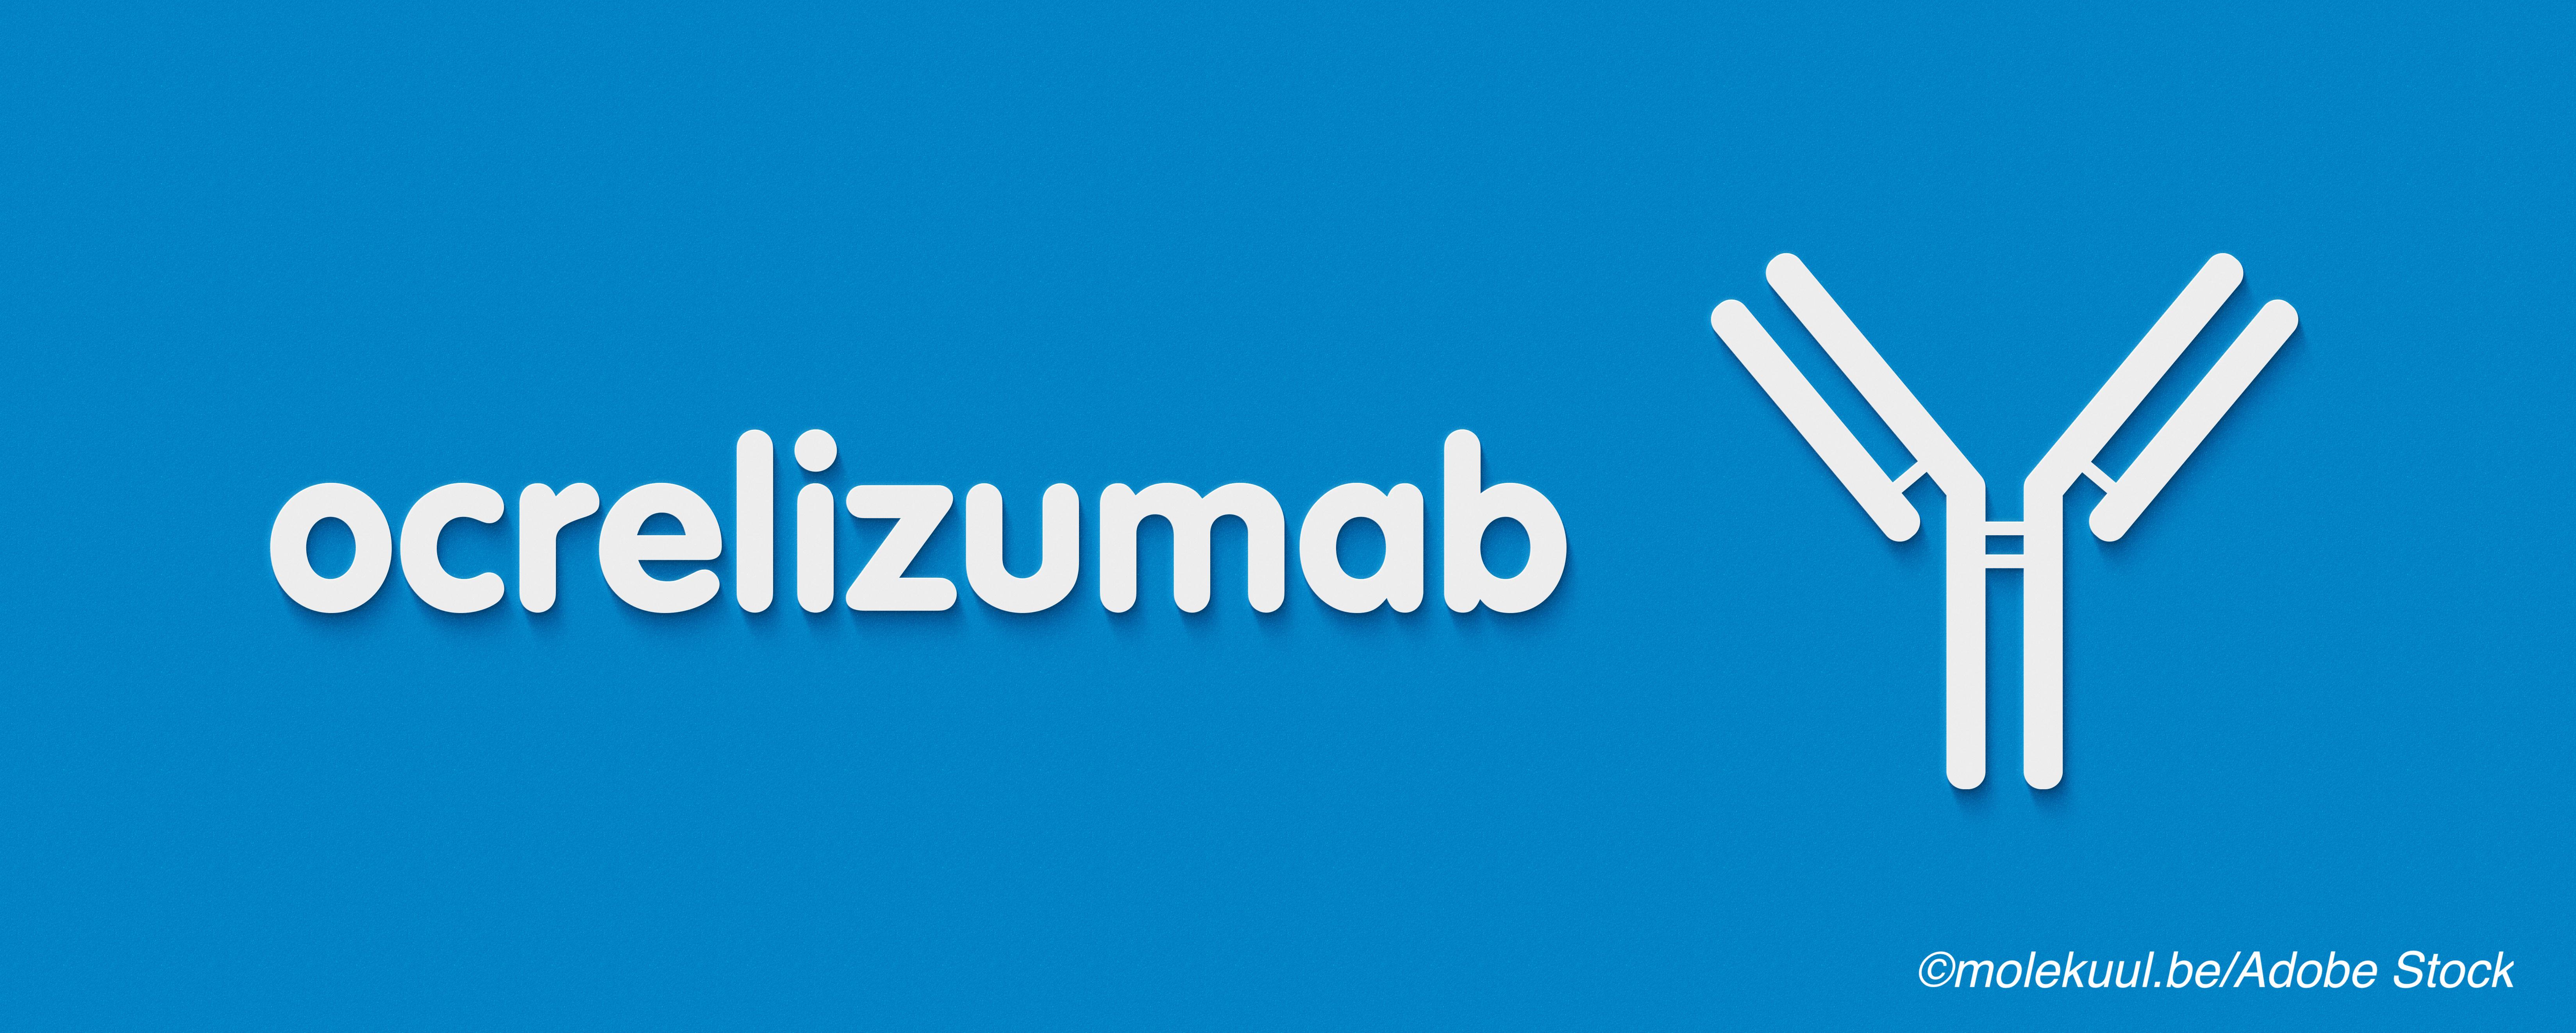 Ocrelizumab Reduces Immune Response to Certain Vaccines